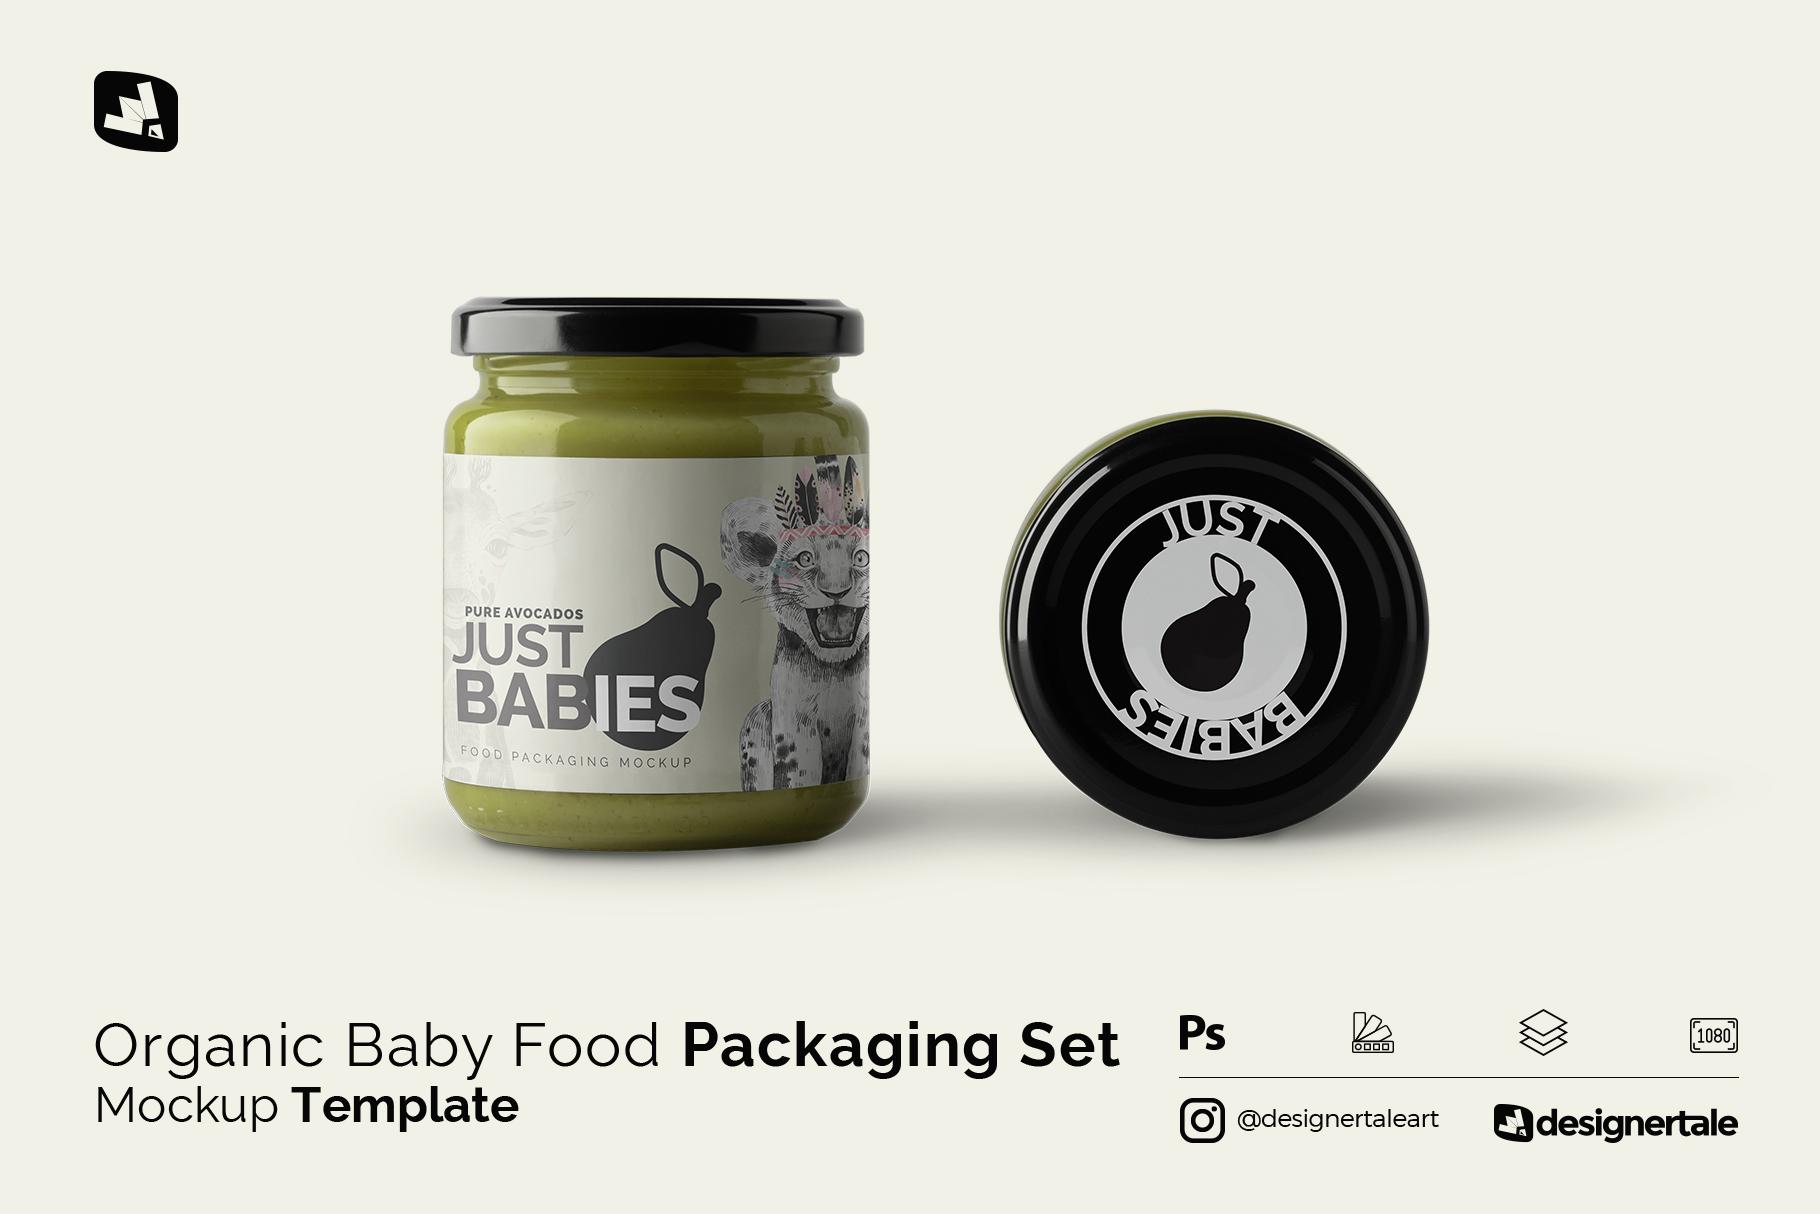 organic baby food packaging mockup